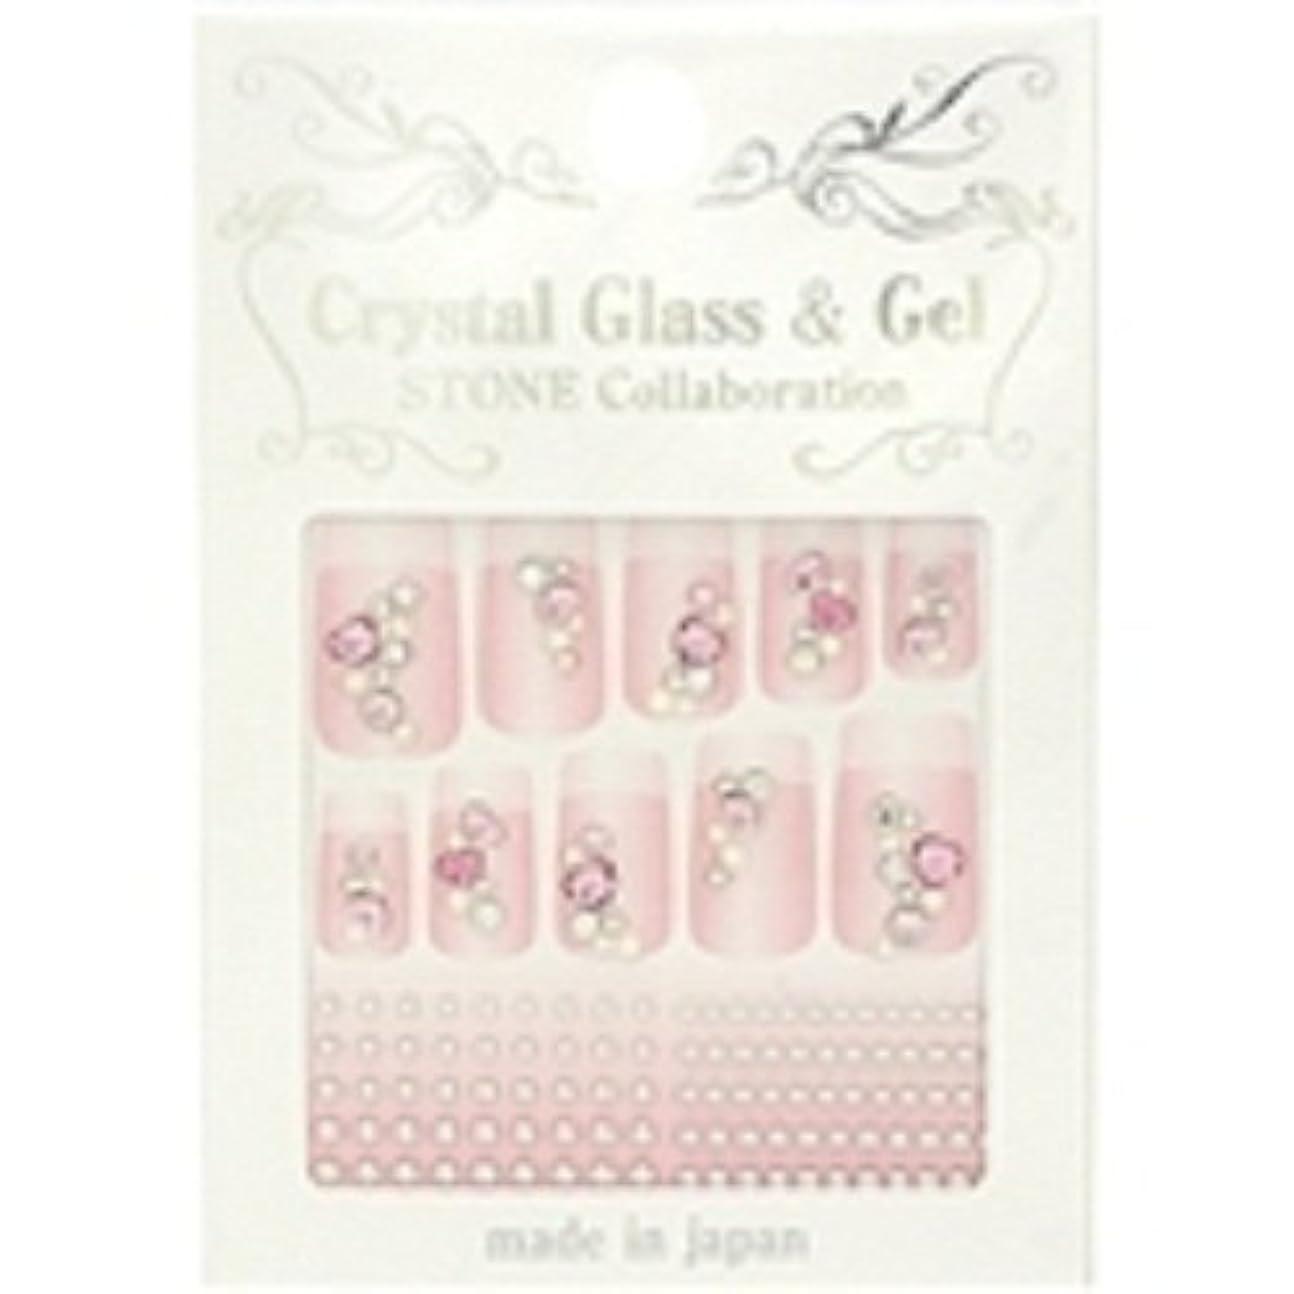 容器スムーズに消化器BN クリスタルガラス&ジェル ストーンコラボレーション PSS-18